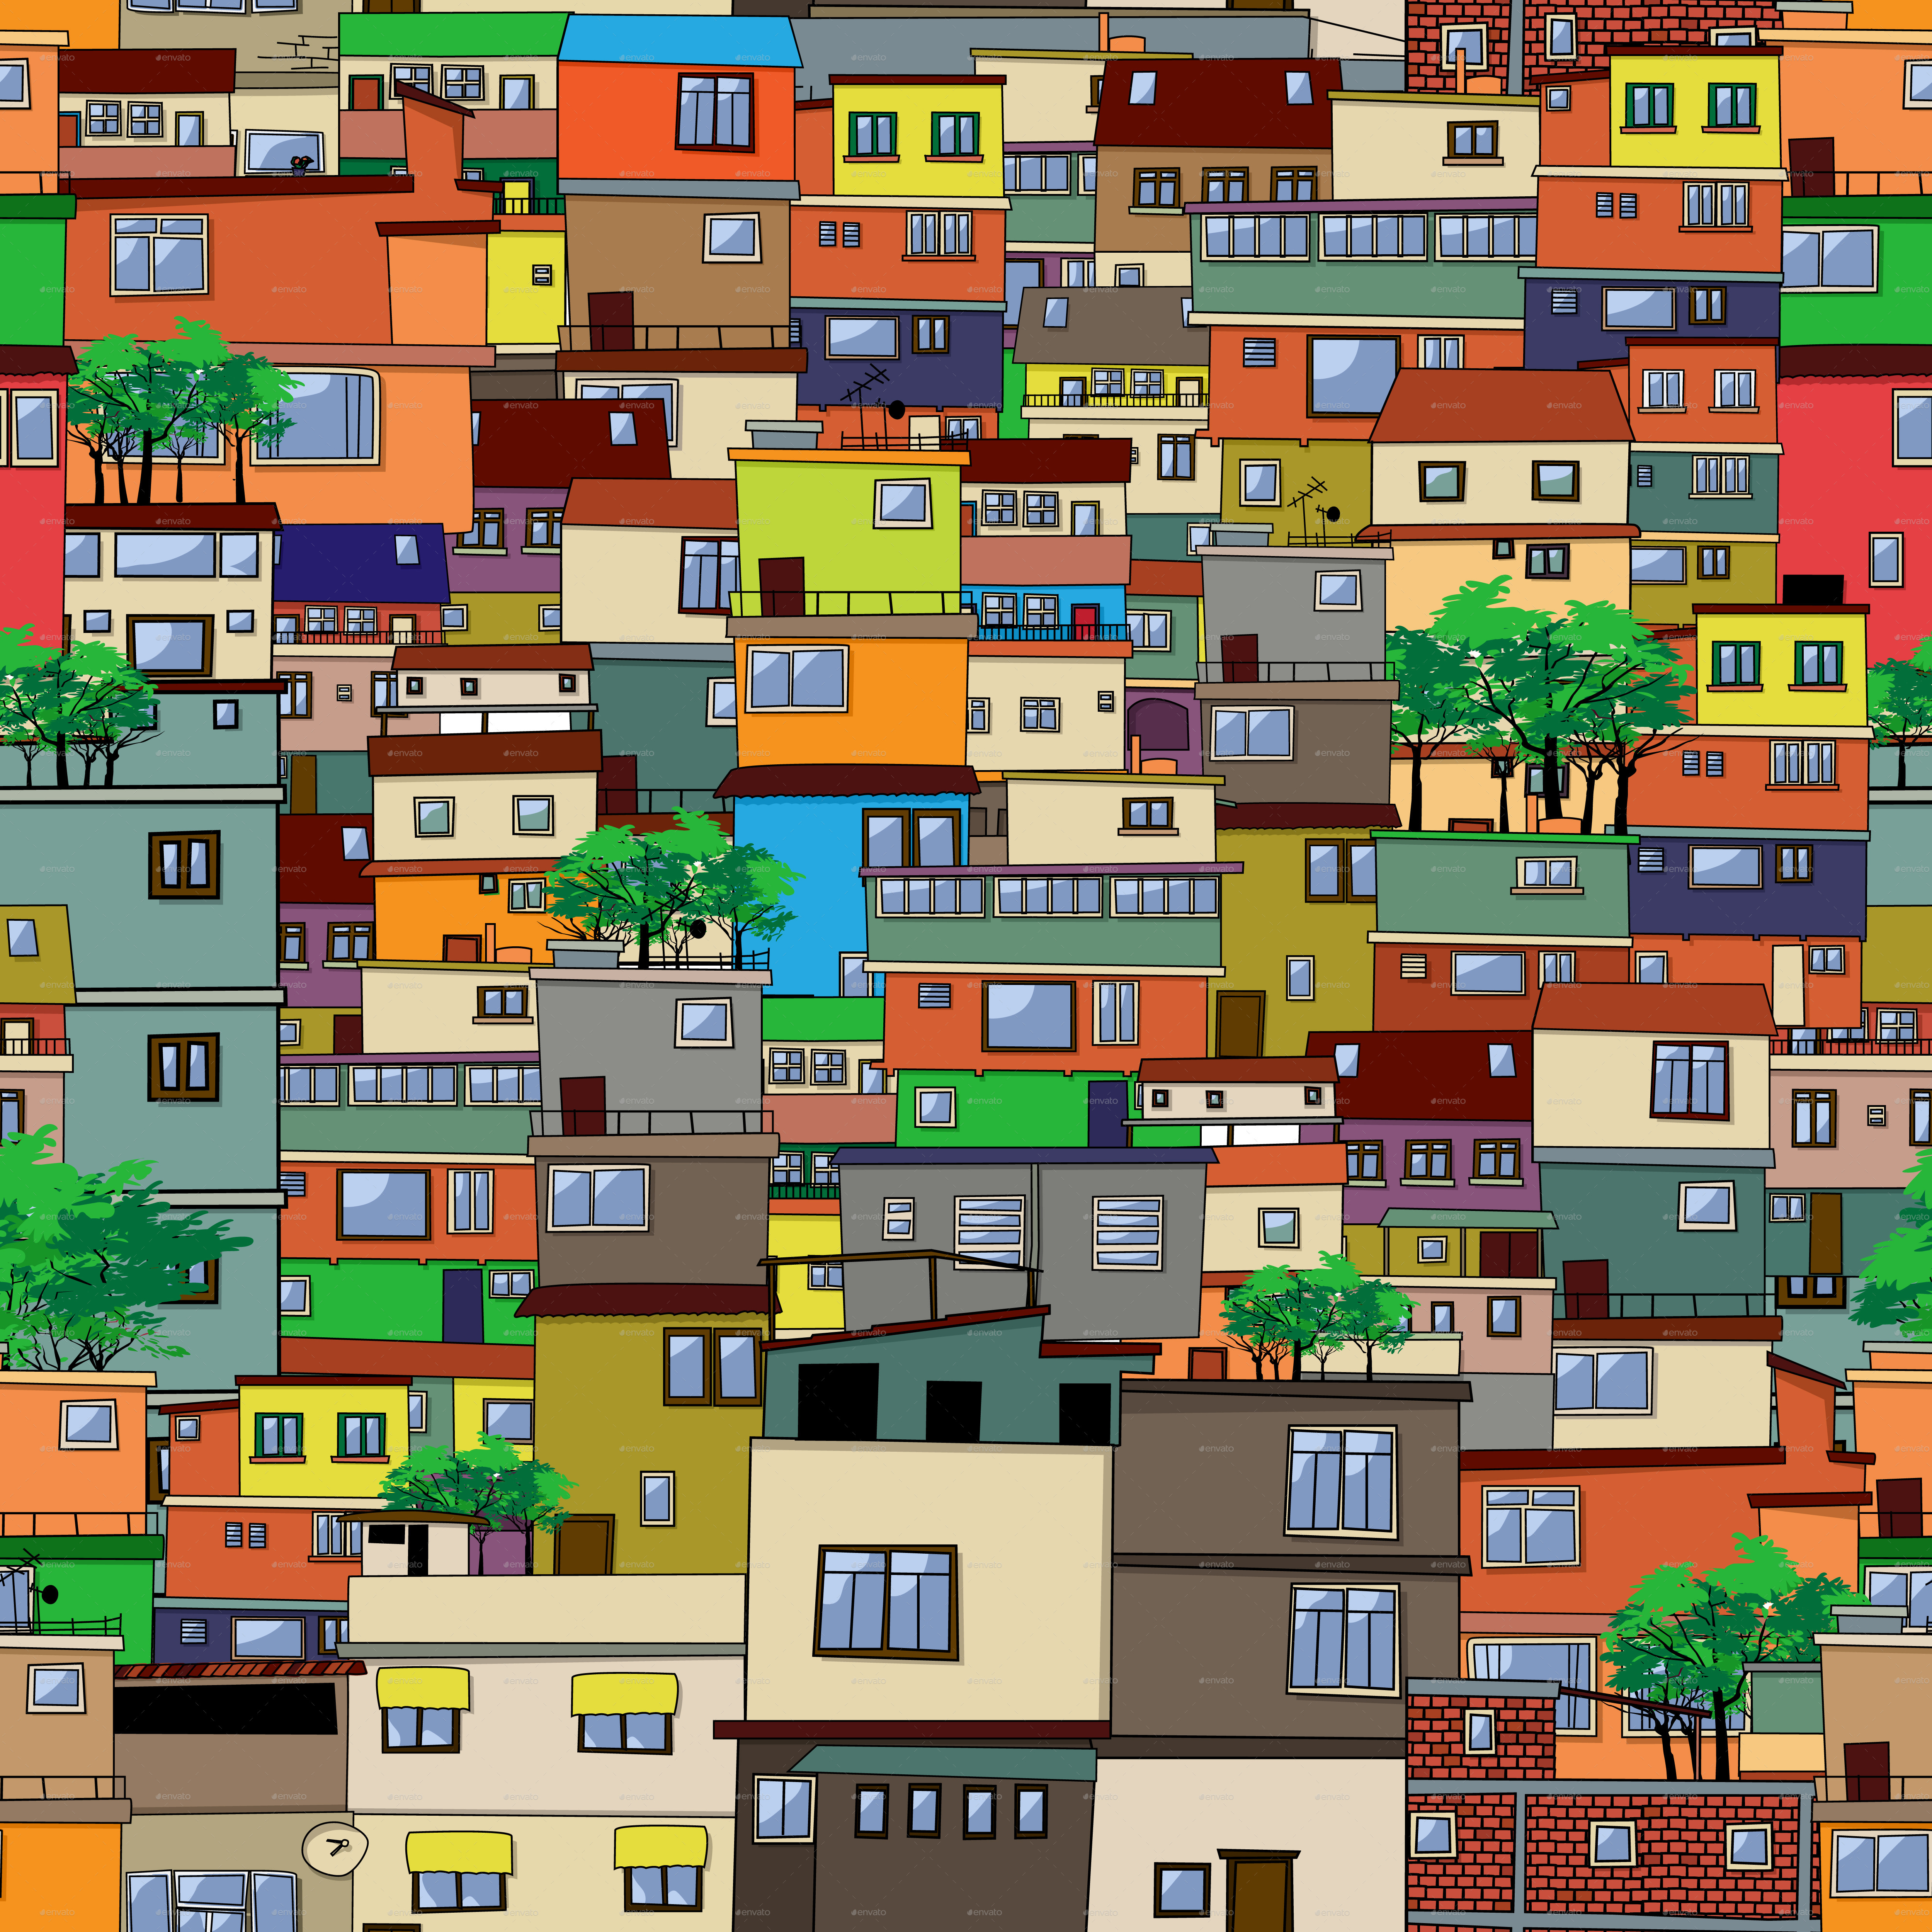 Favela clipart urban community Favela Rio Tile Favela bomberclaad